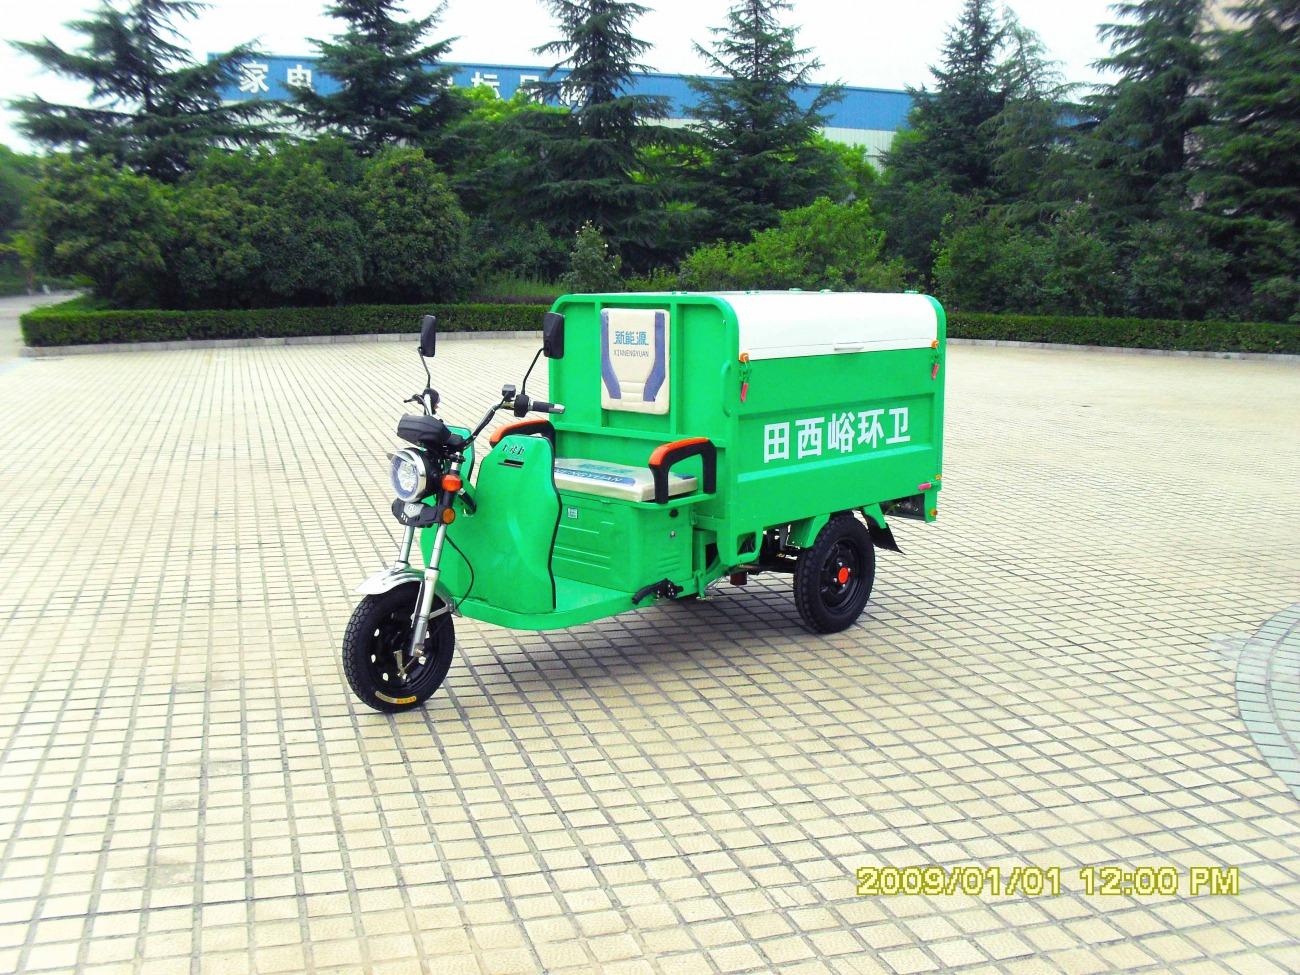 供应迪耐特油电混合电动汽车-「电动汽车」-马可波罗网